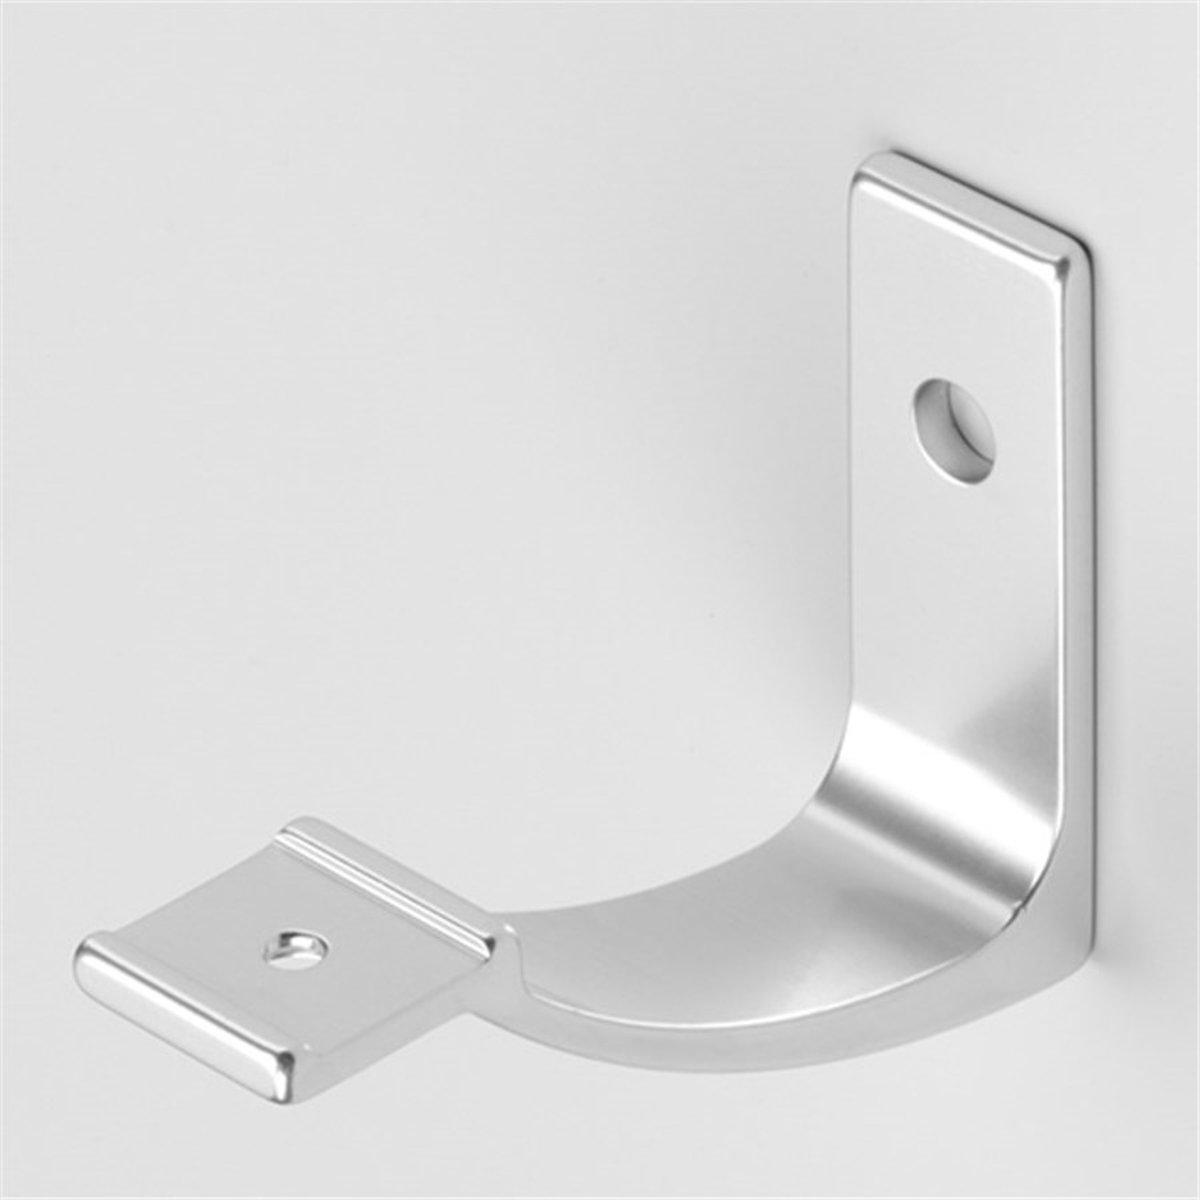 Hermeta leuninghouder - aluminium mat - voor stokschroef - 3546-11 kopen